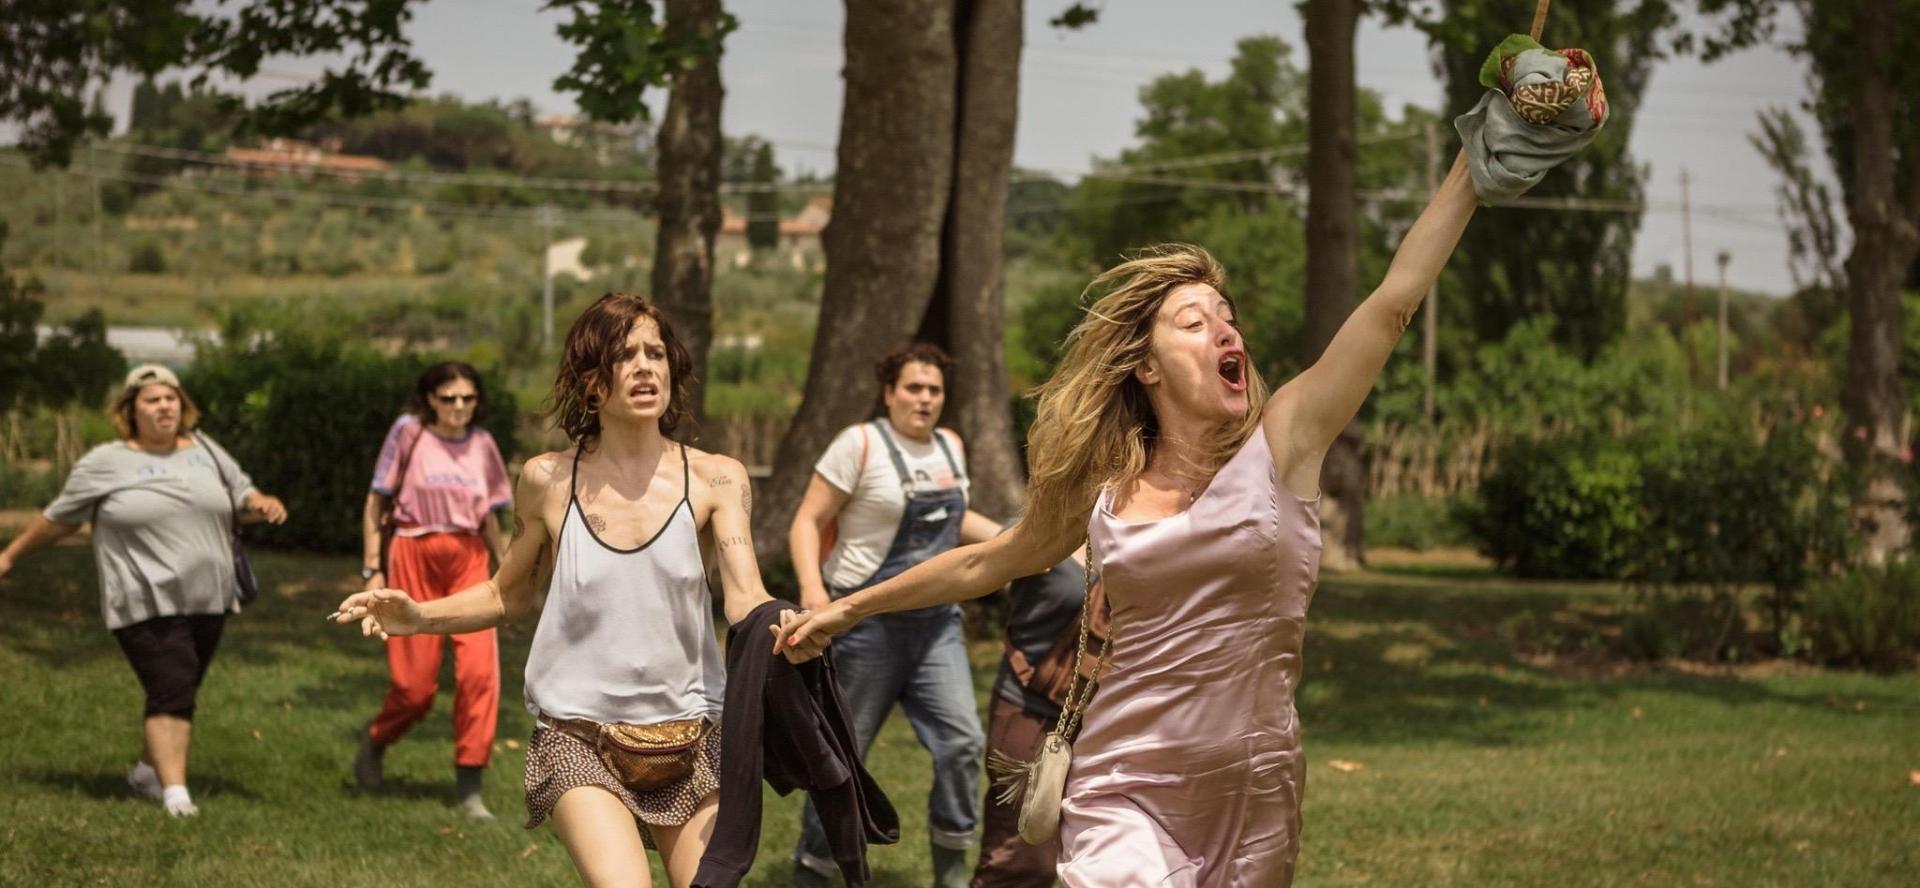 La pazza gioia - CineFatti